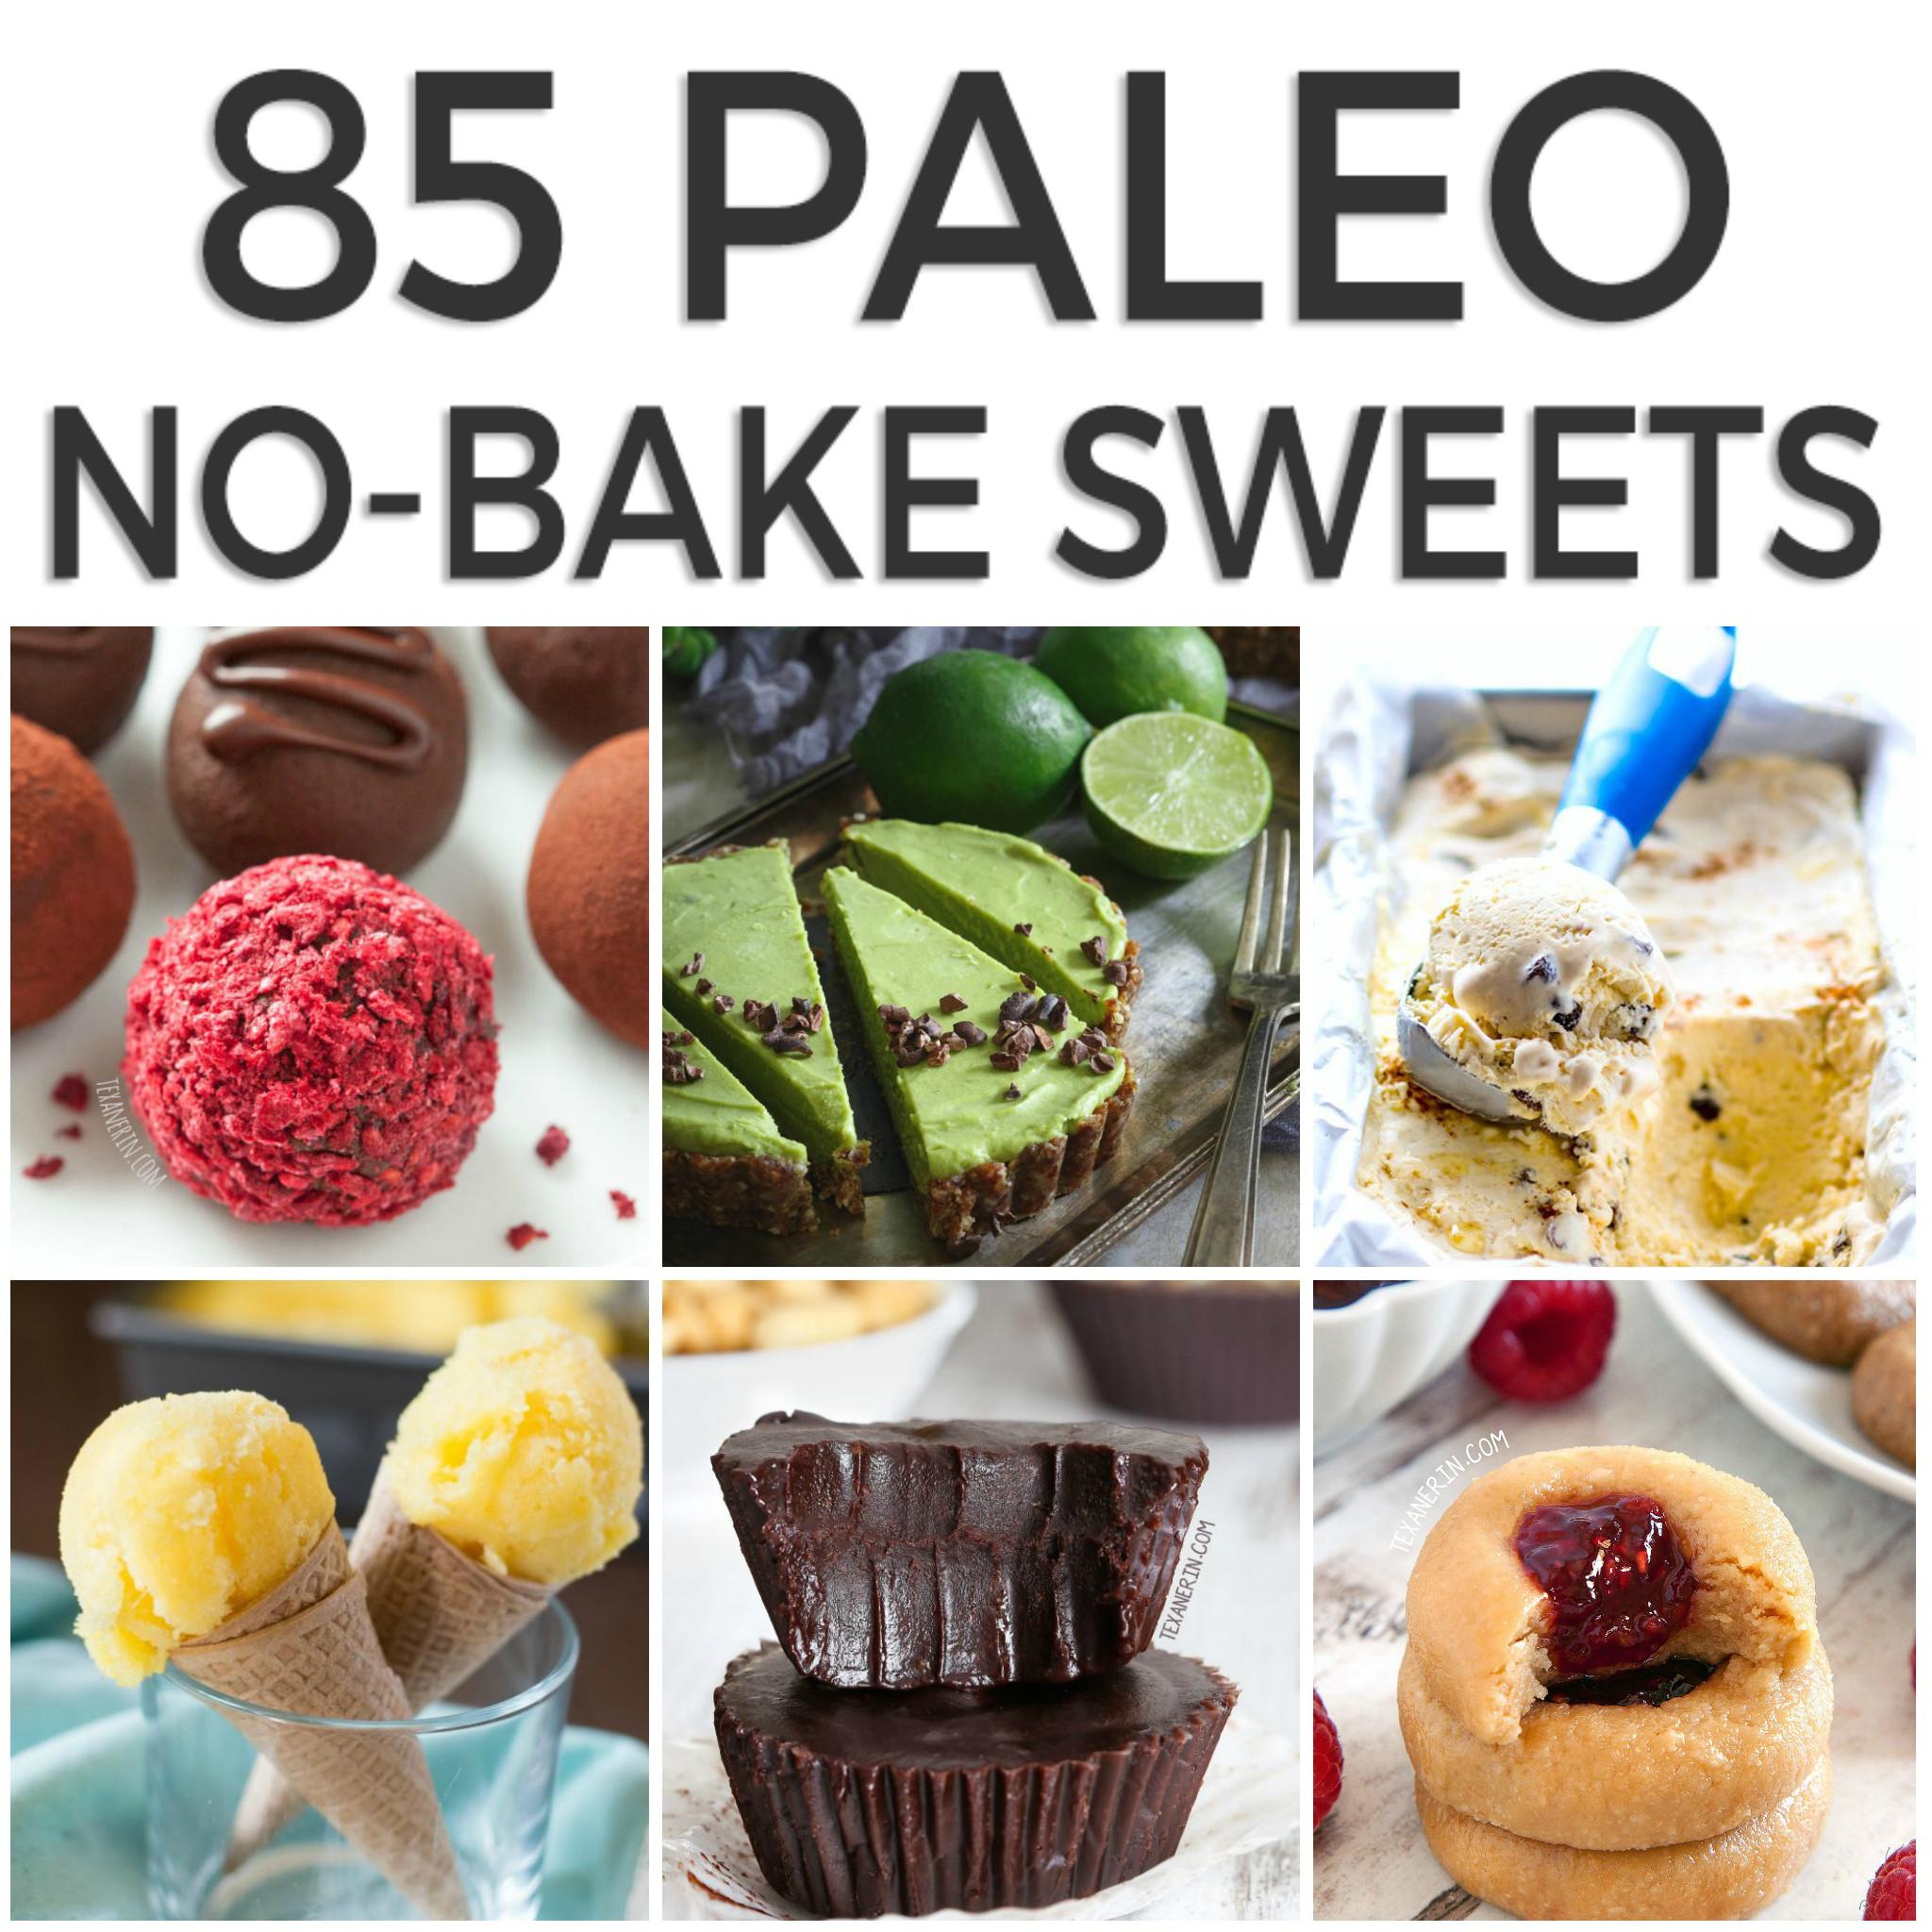 Paleo Summer Desserts  85 Paleo No bake Desserts for Summer mostly vegan